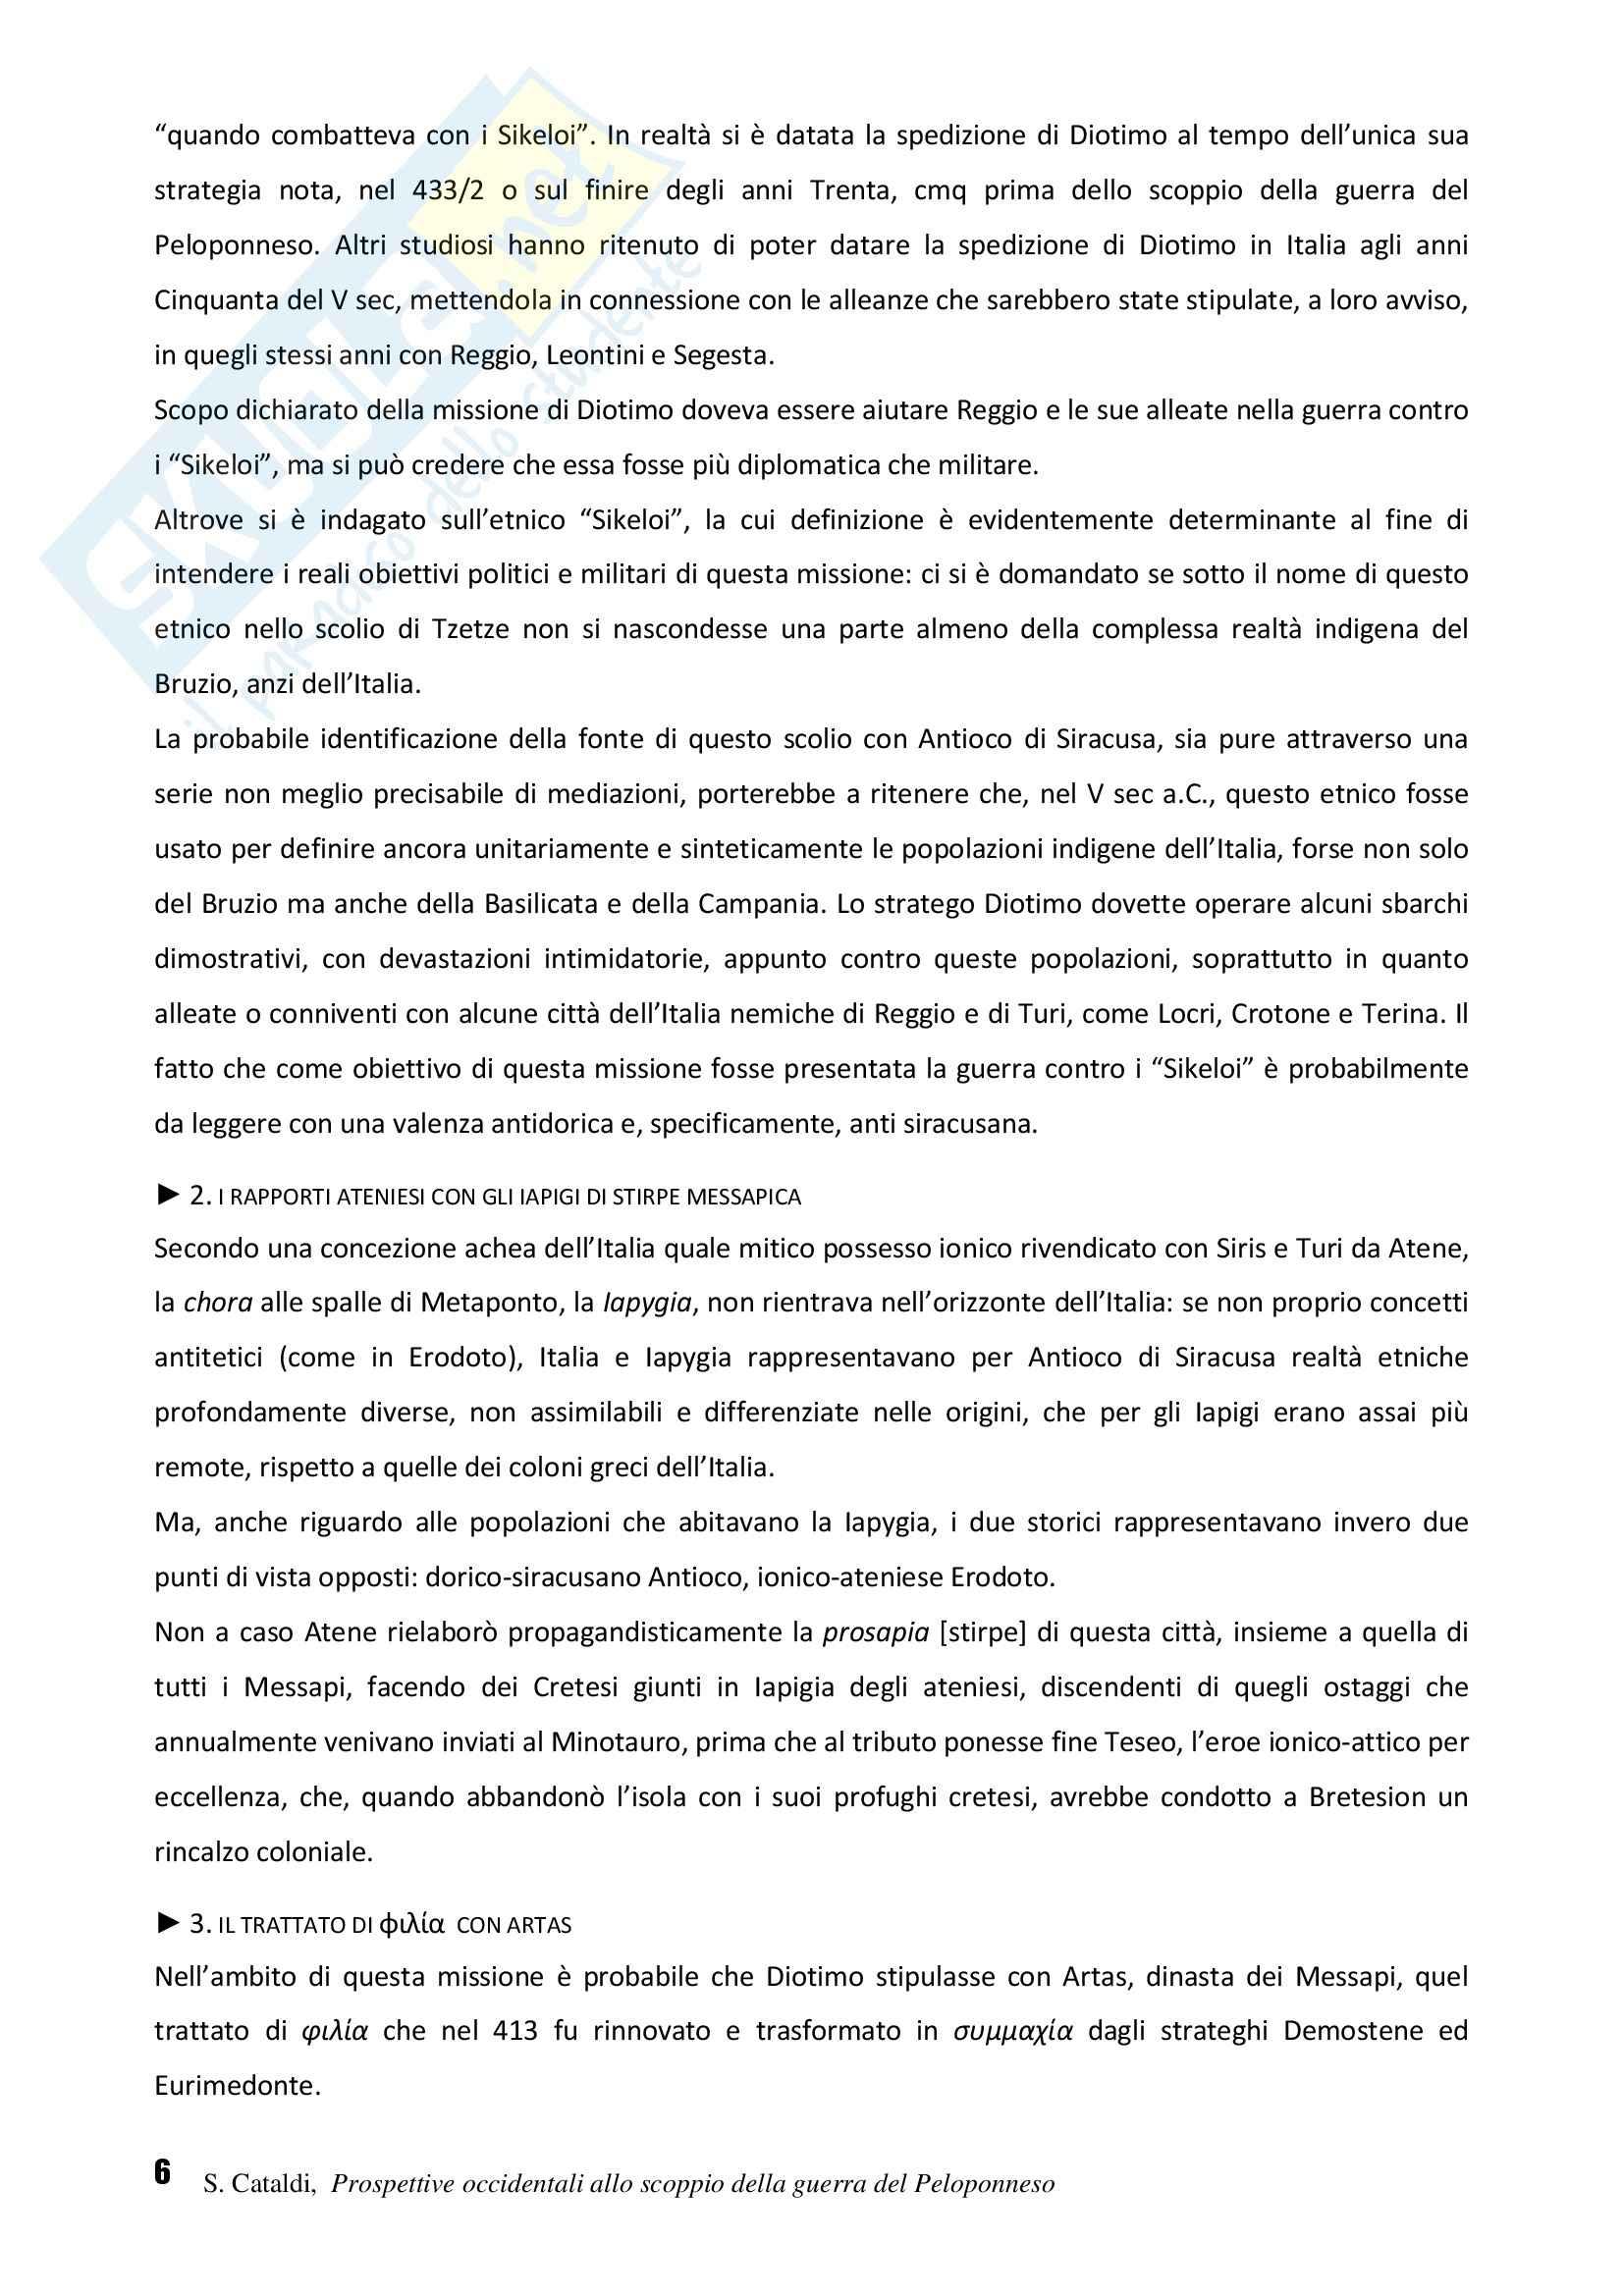 Riassunto esame Storia greca, prof. Cataldi, libro consigliato Prospettive occidentali allo scoppio della guerra del Peloponneso, Cataldi Pag. 6